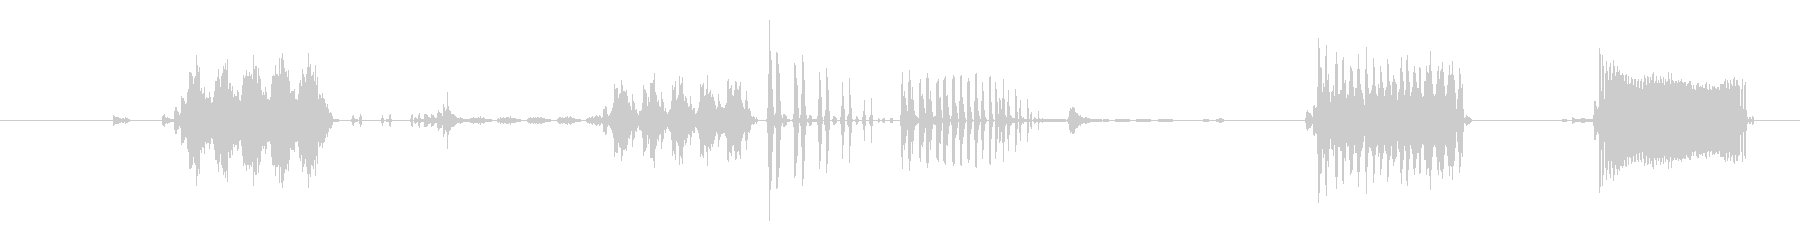 フィクション デバイス メカニカル...の未再生の波形